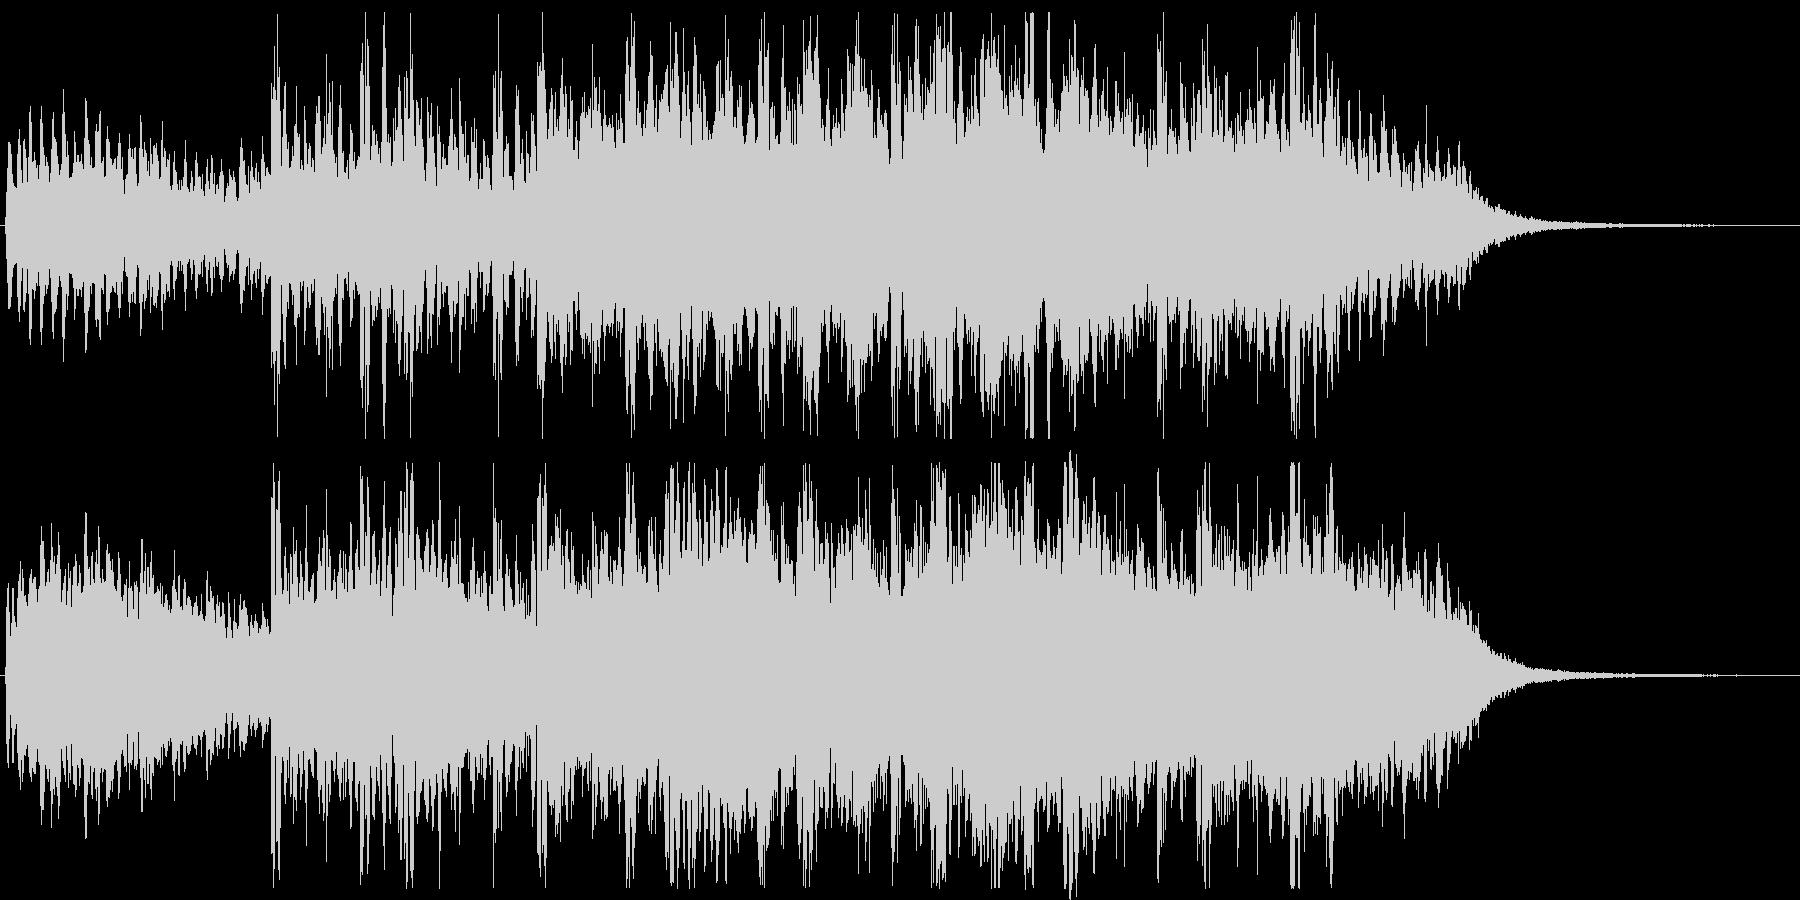 幻想的で怪しい不安定なホラーミュージックの未再生の波形